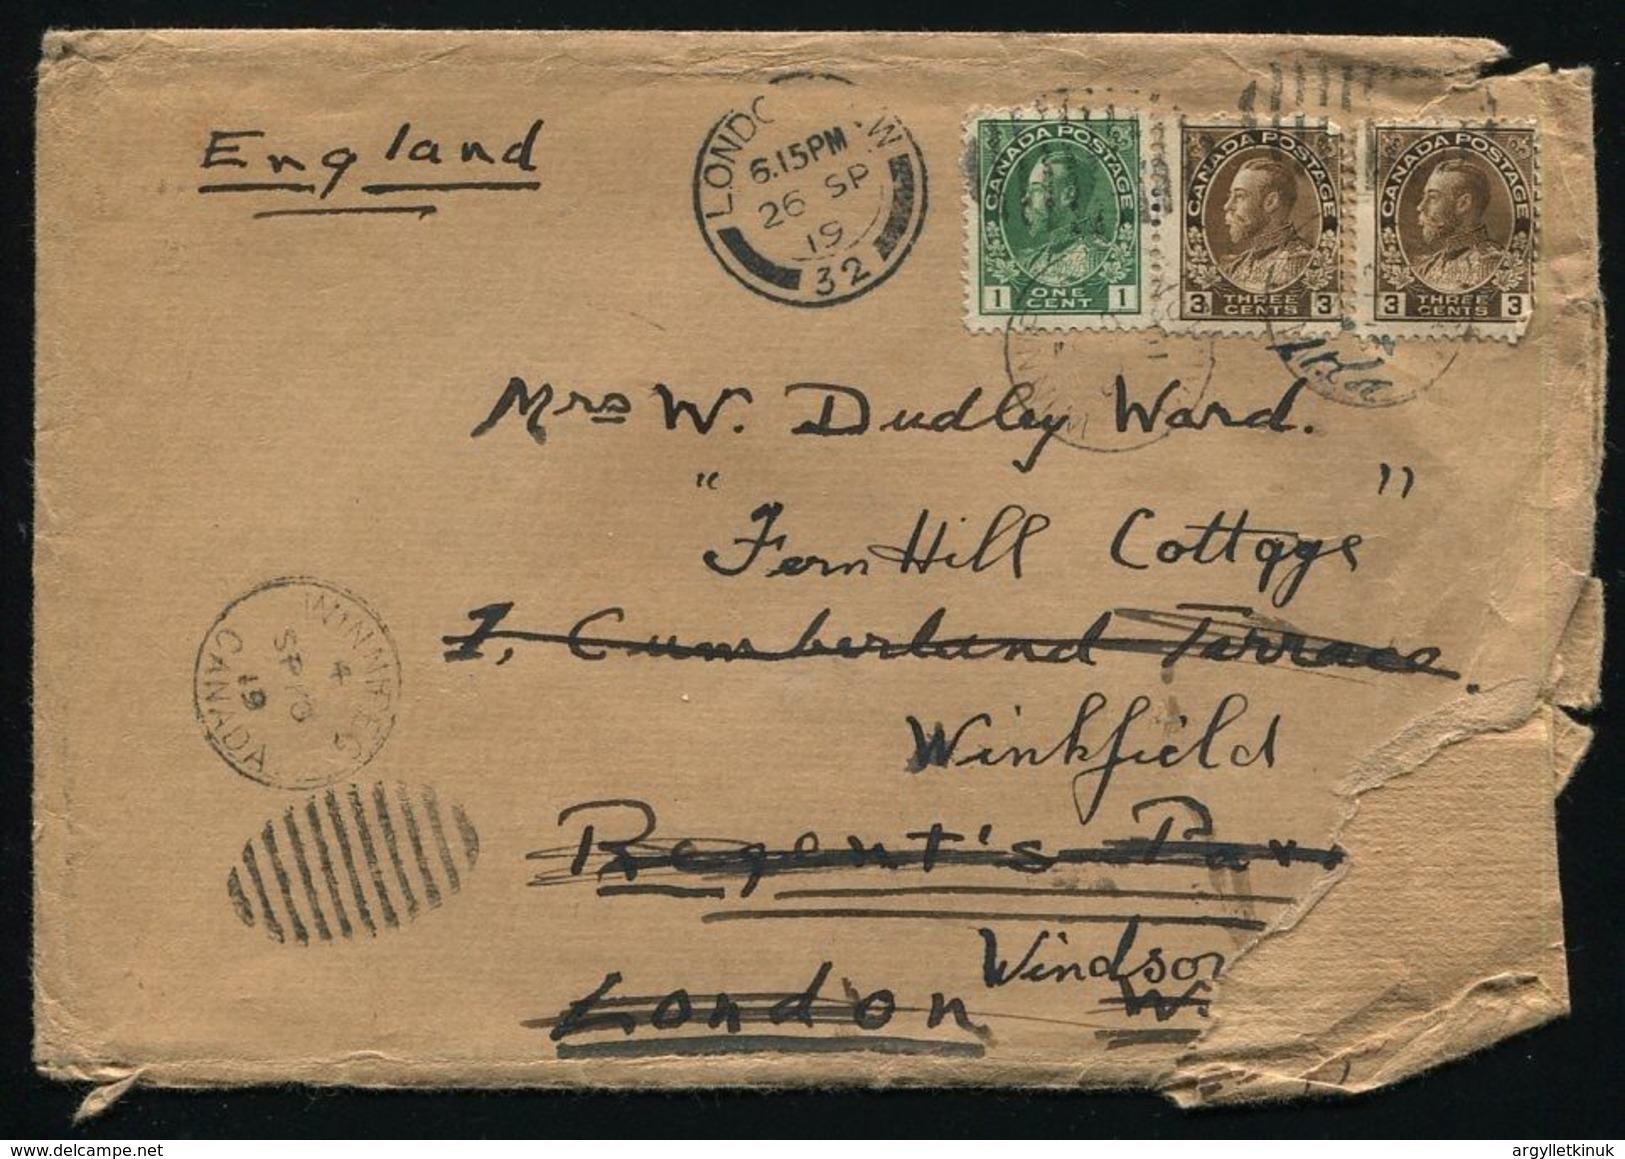 KING EDWARD EIGTH CANADA TRAIN TOUR RAILWAY WINNIPEG 1919 GOLF - Unclassified